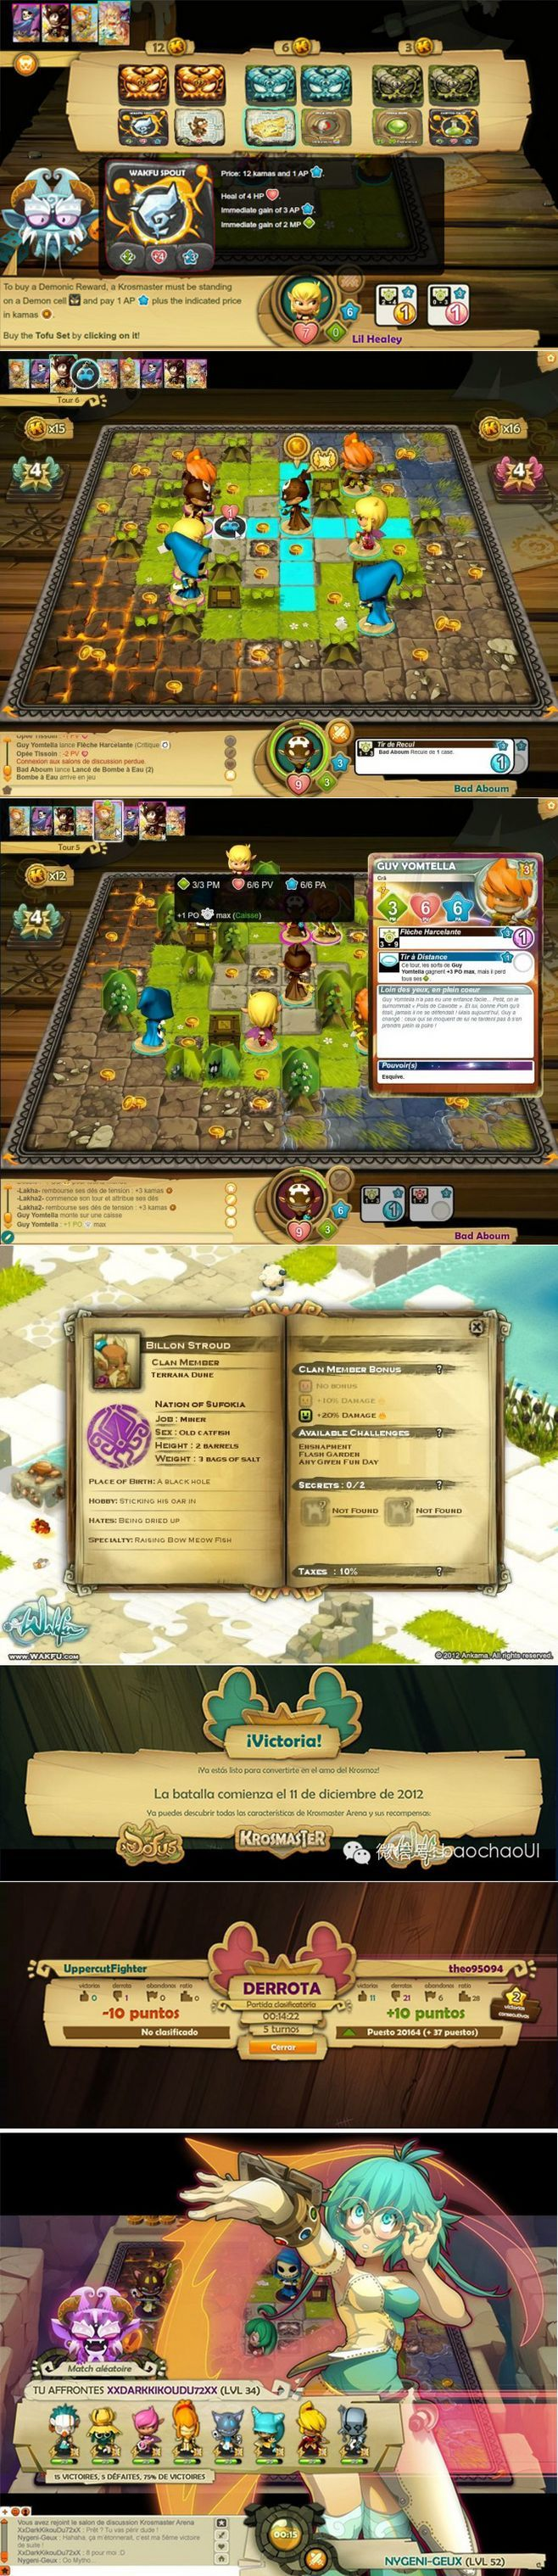 外国游戏部分ui界面设计